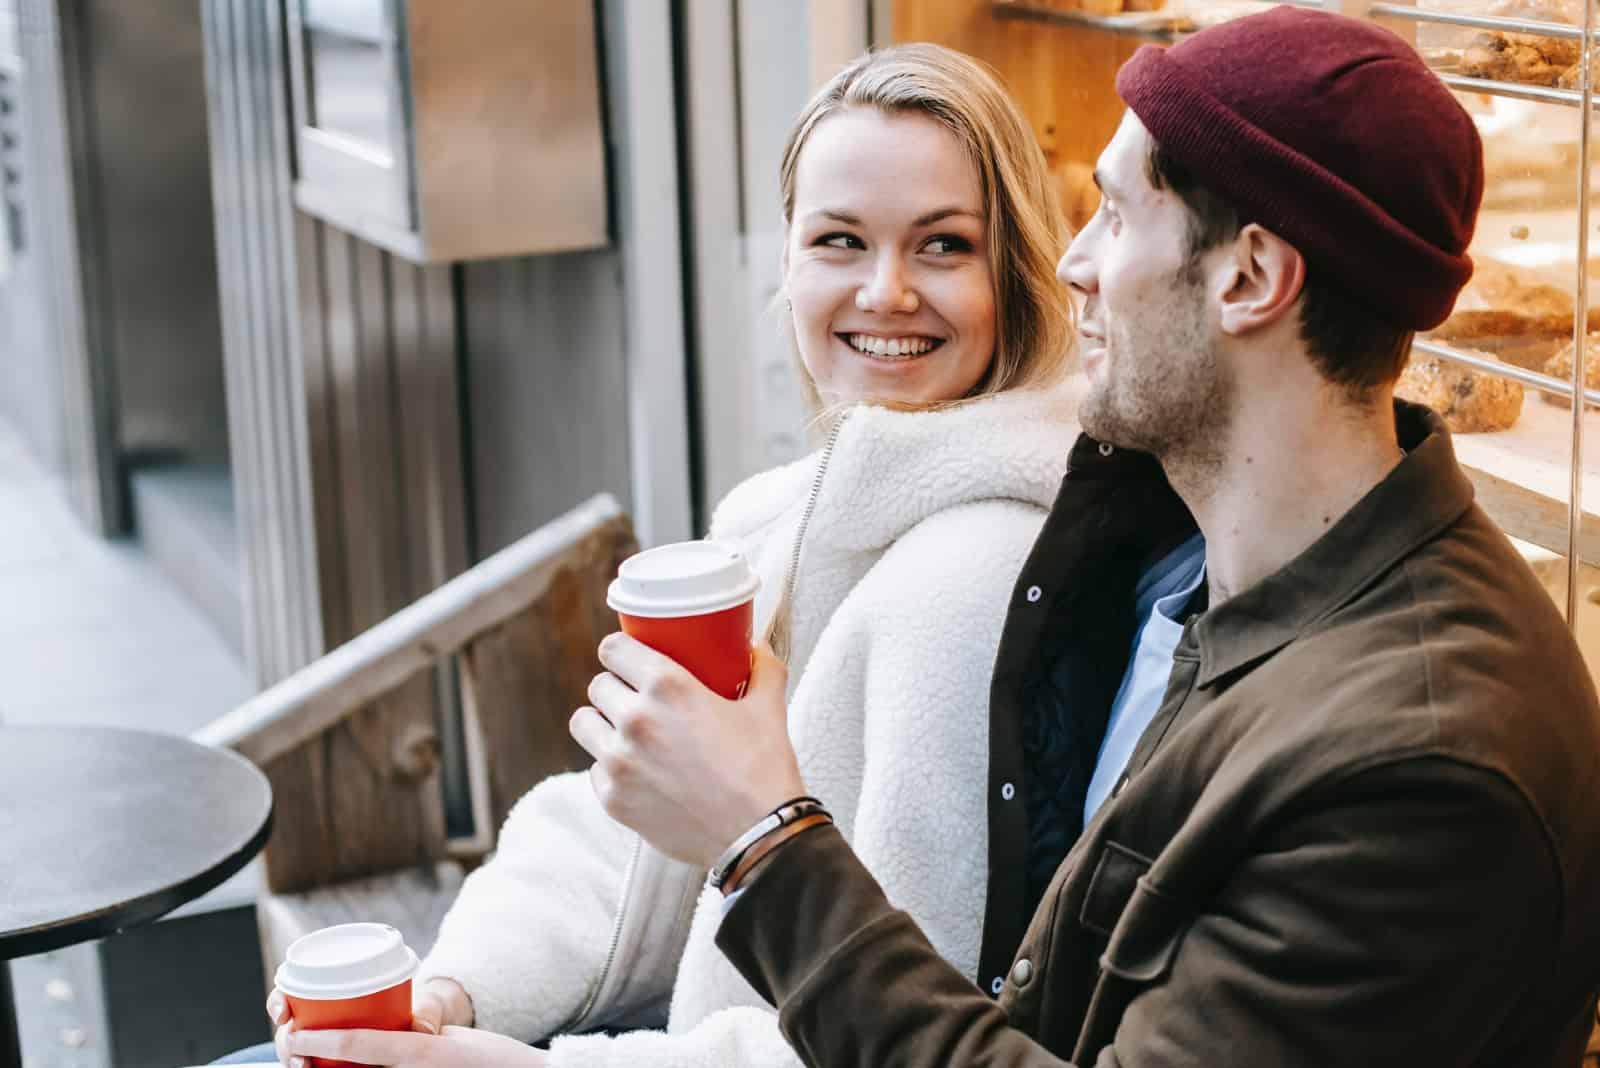 femme heureuse regardant un homme assis à l'extérieur